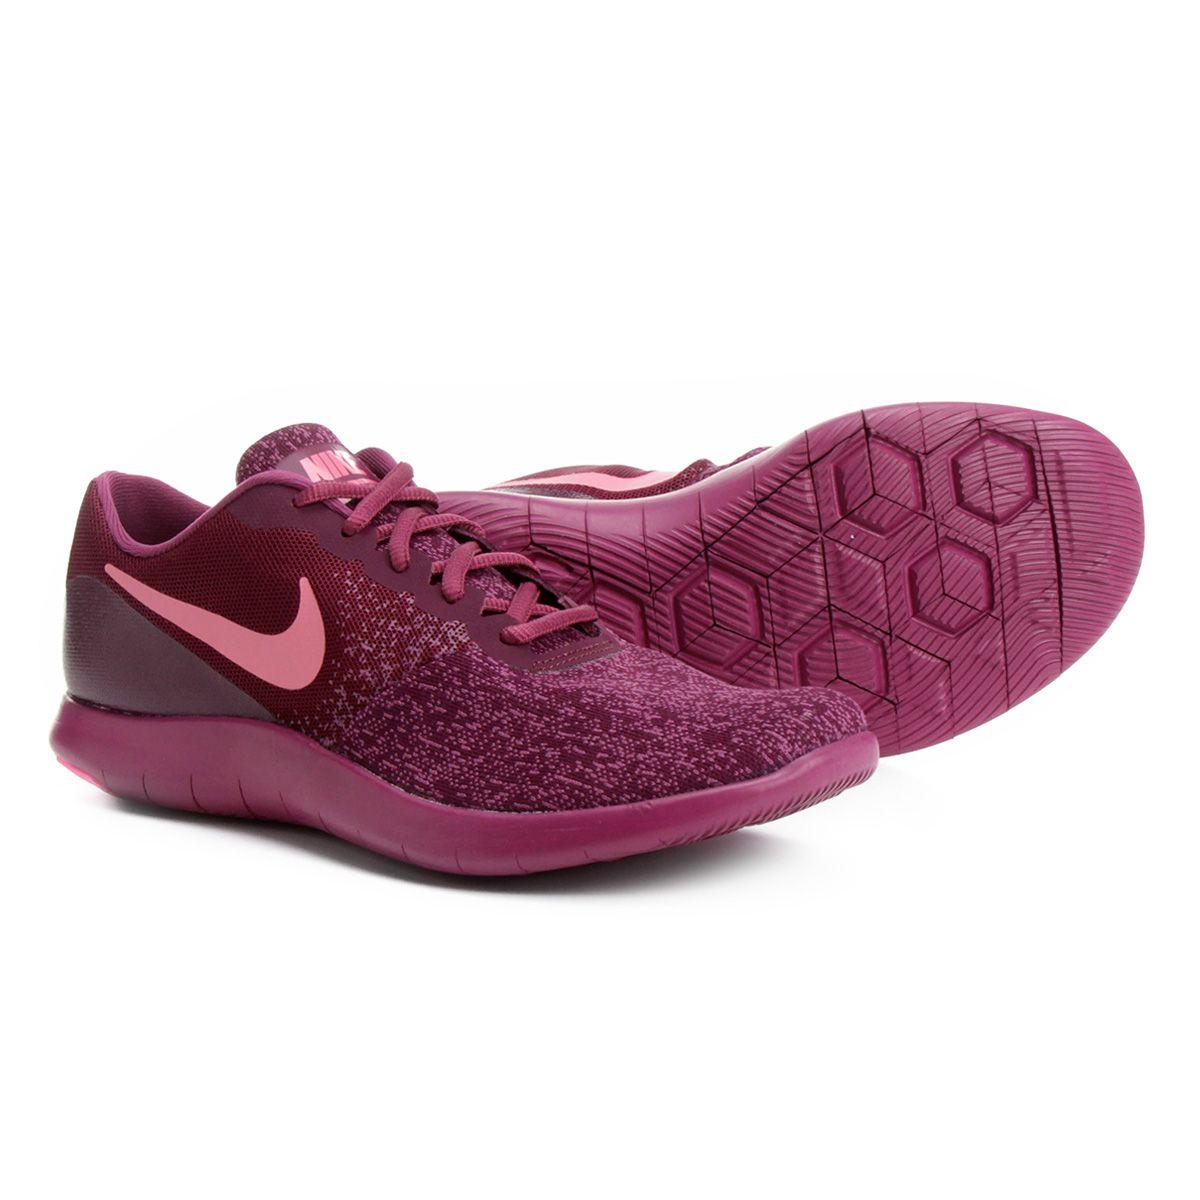 Tênis Nike Flex Contact Flexível Feminino - BRACIA SHOP  Loja de ... da95b0a0f7c